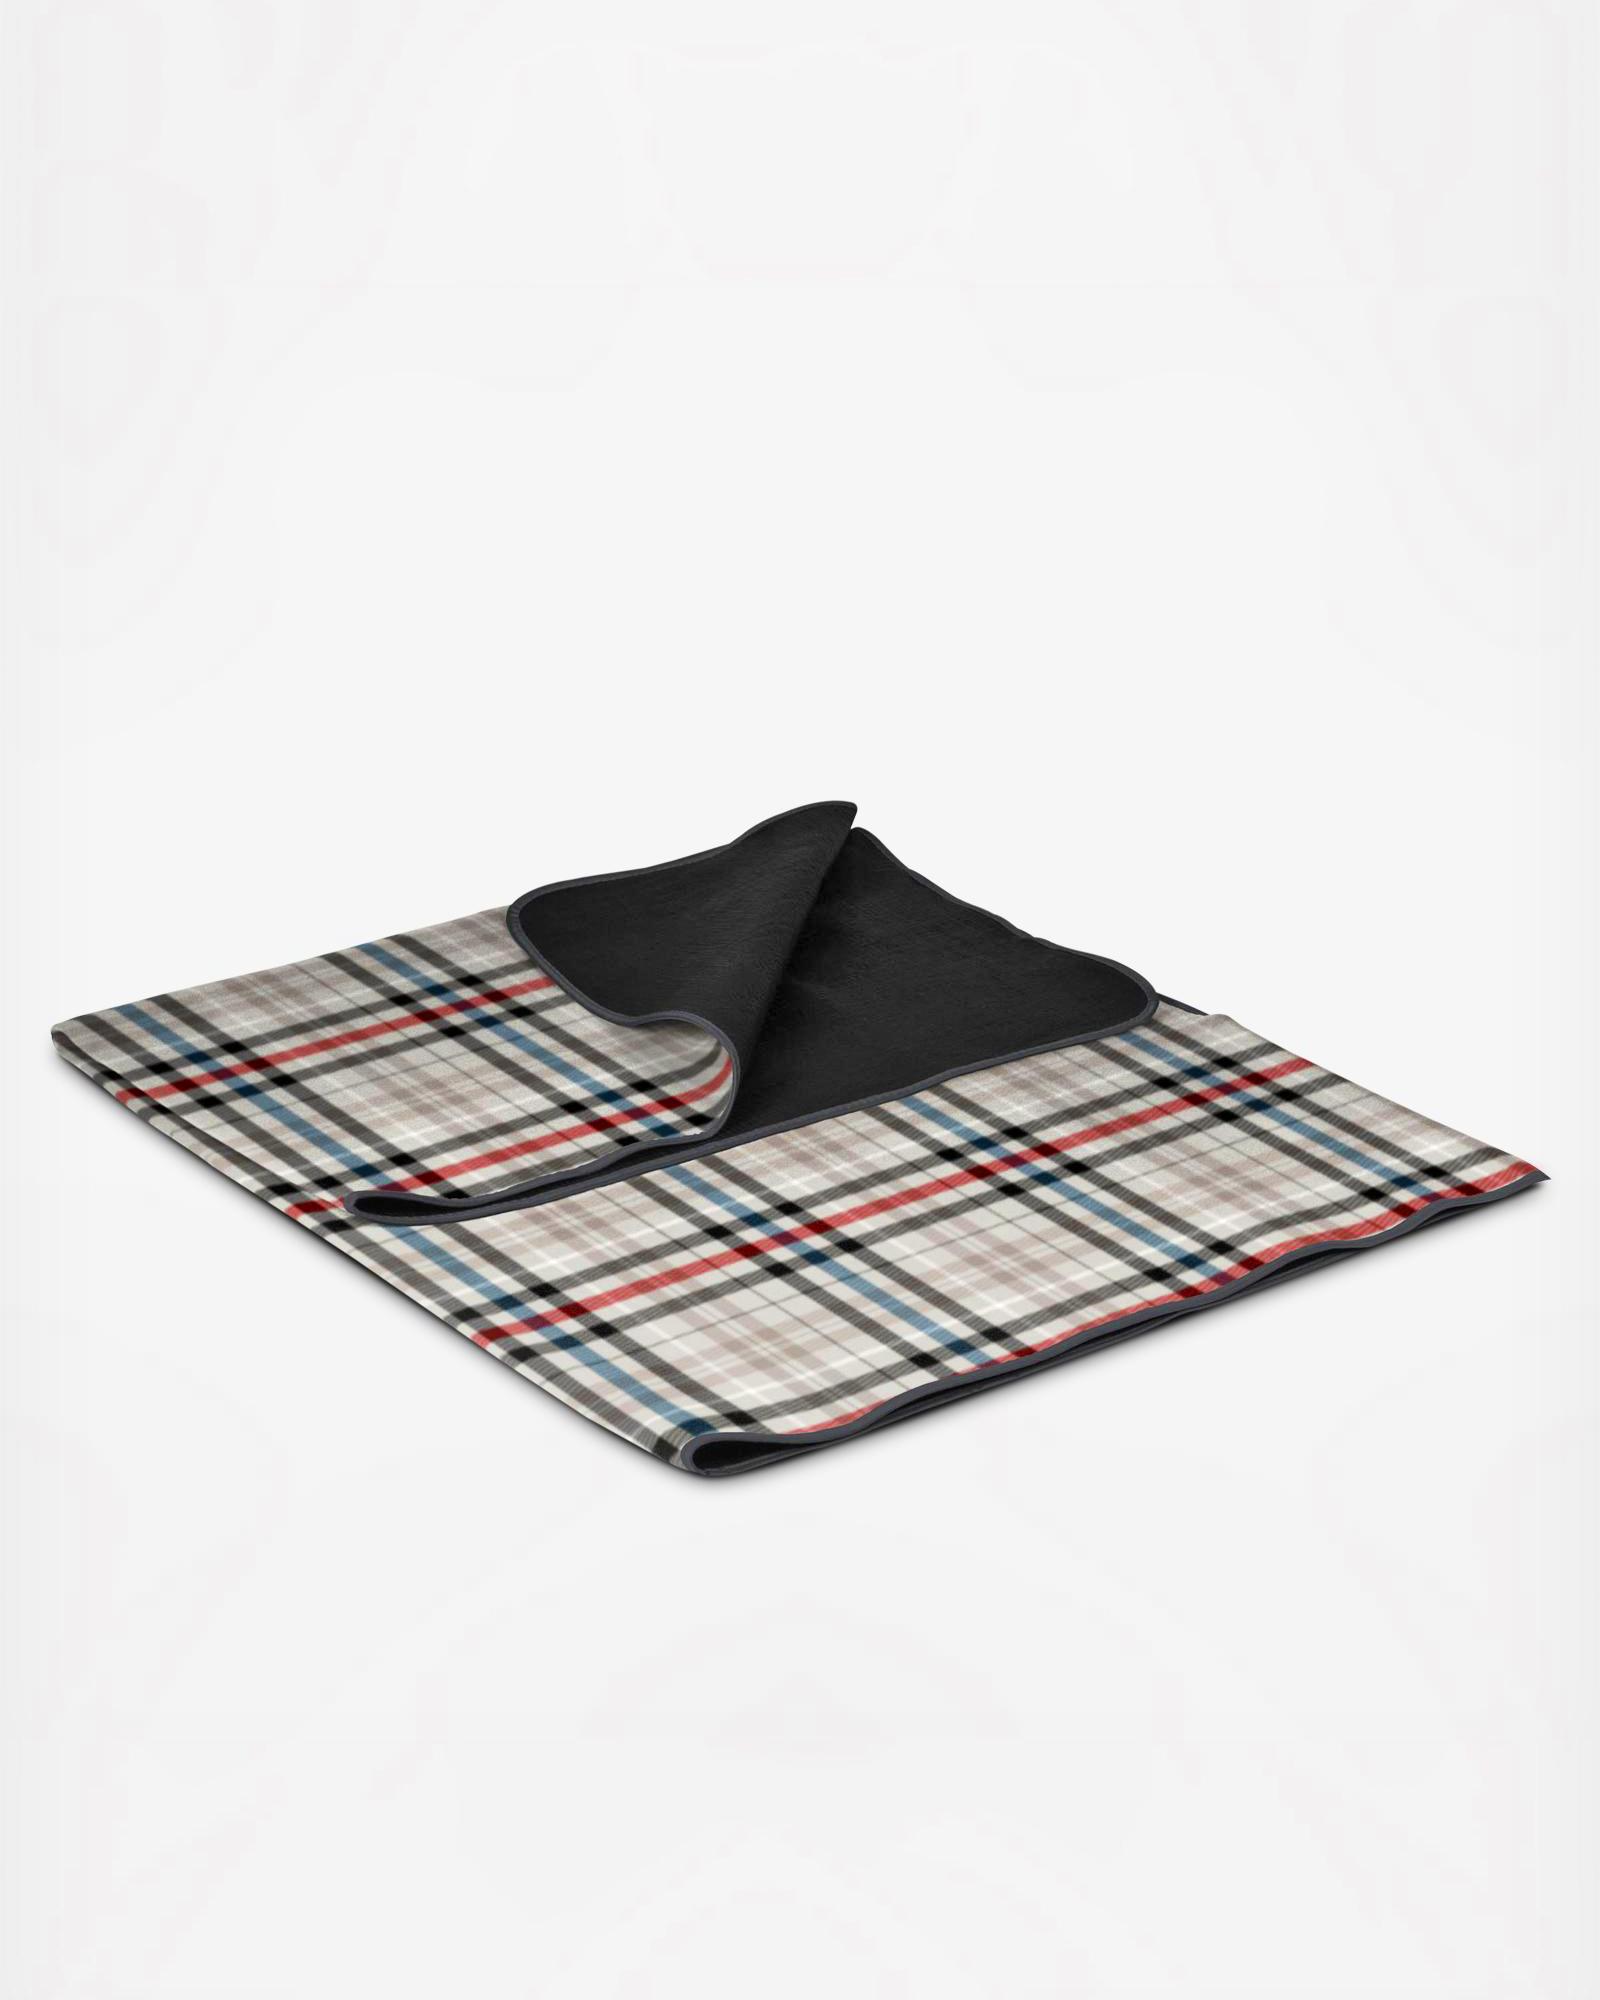 zola picnic time blanket tote